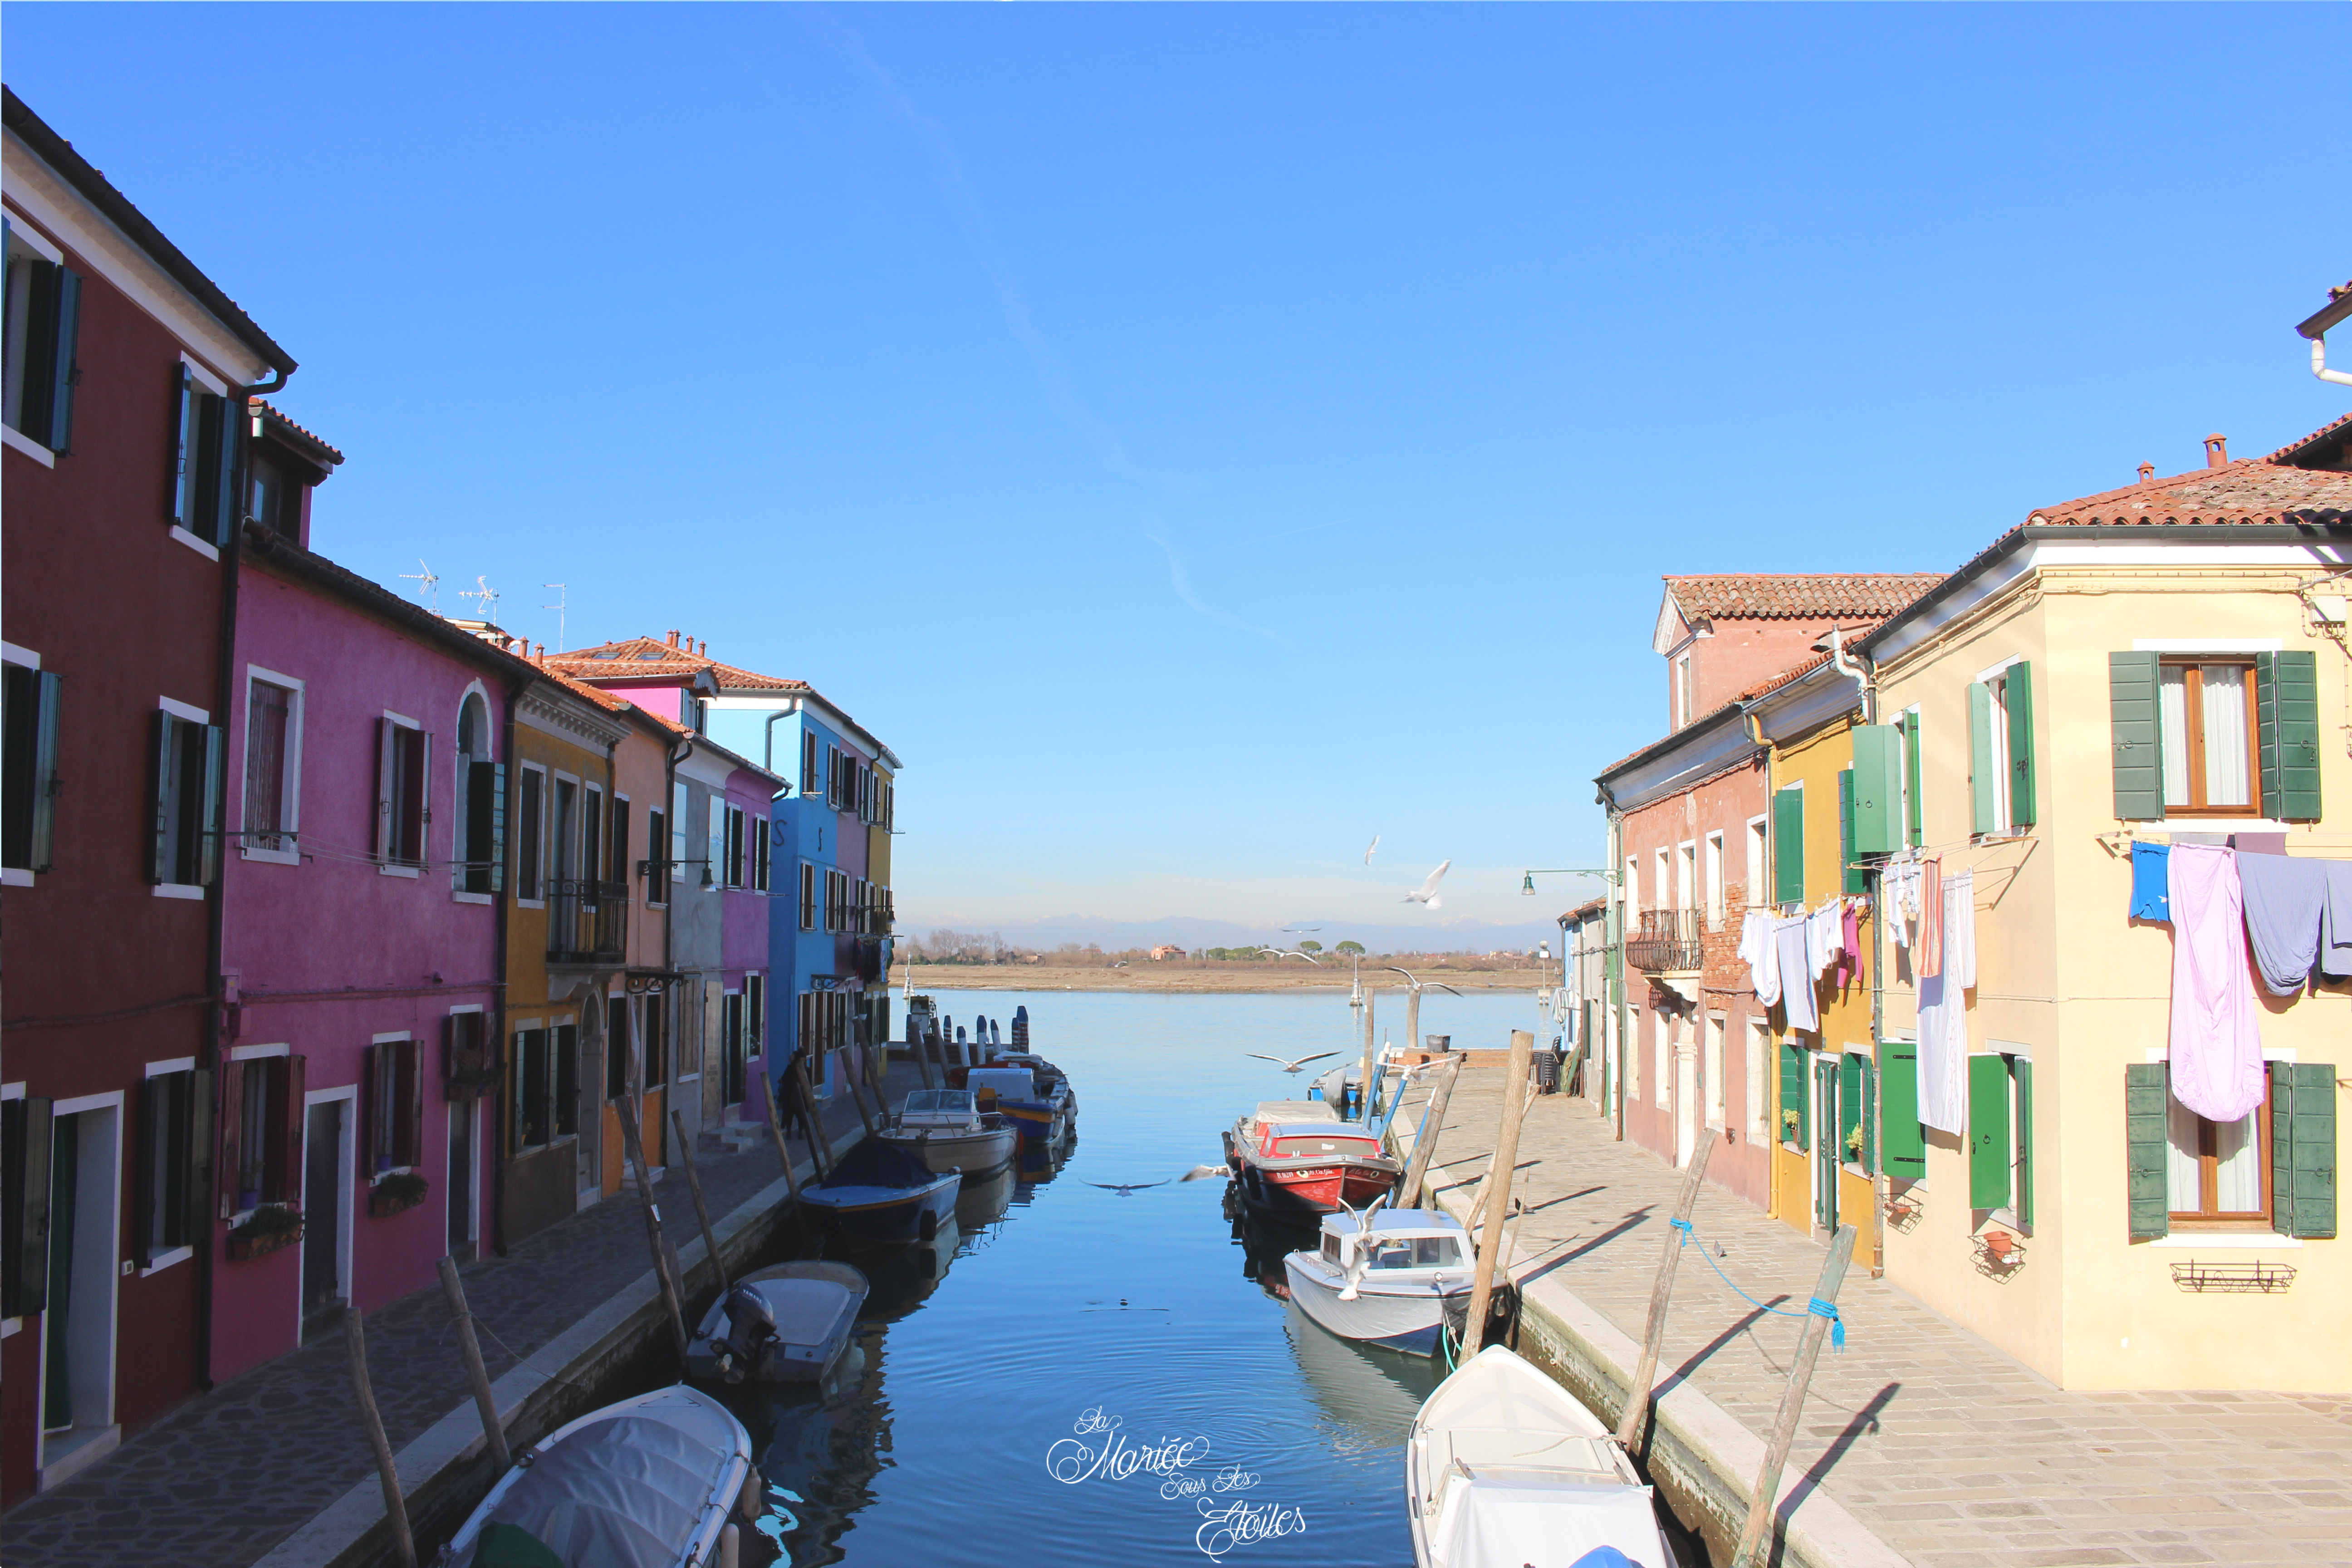 Couleurs de Burano | Voyage en amoureux - Venise, Italie